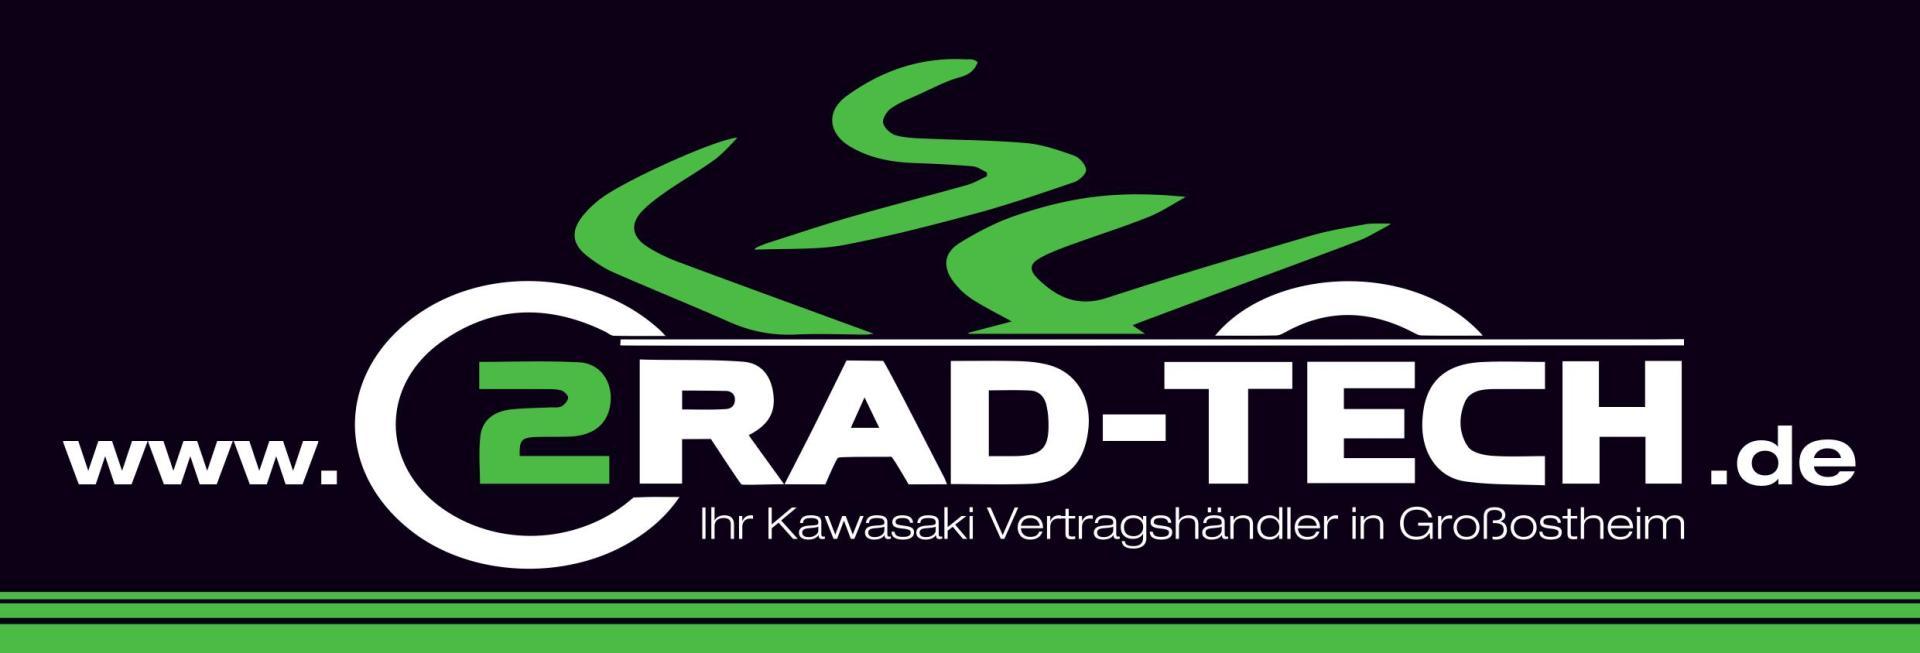 Shop2radtech-Logo